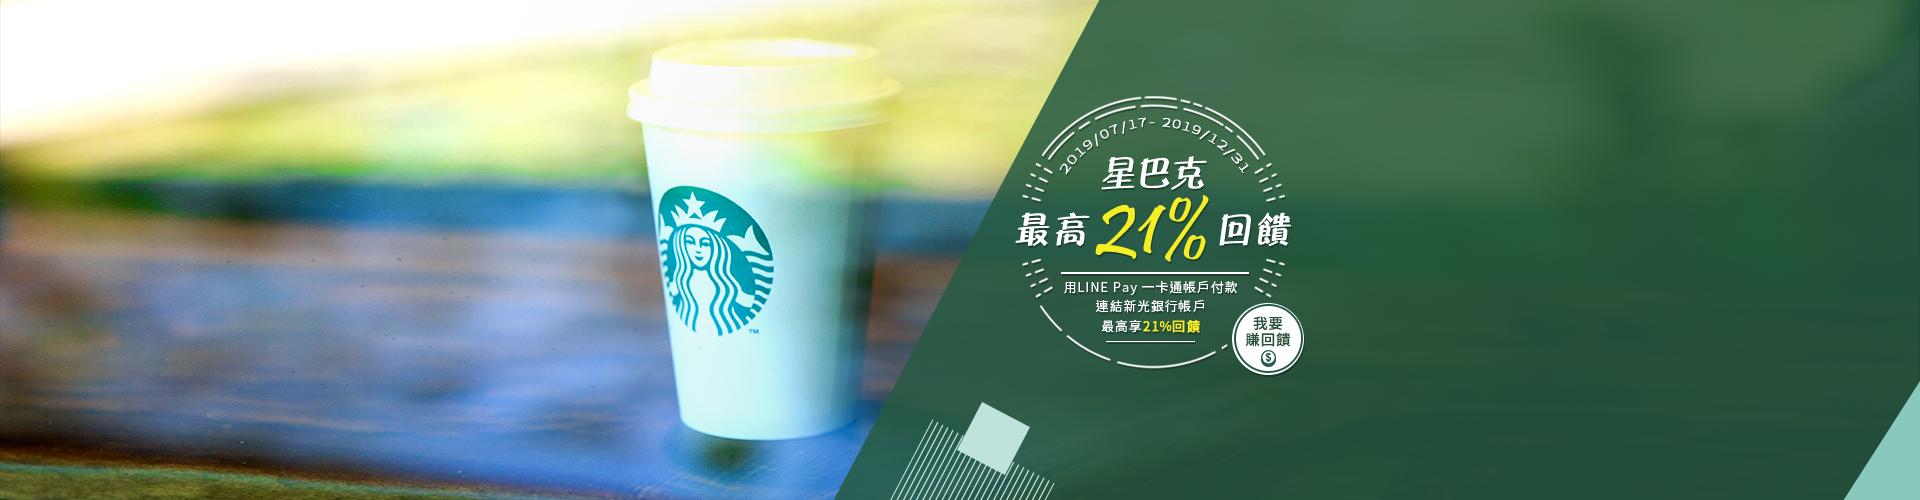 連結新光消費,最高享星巴克21%回饋